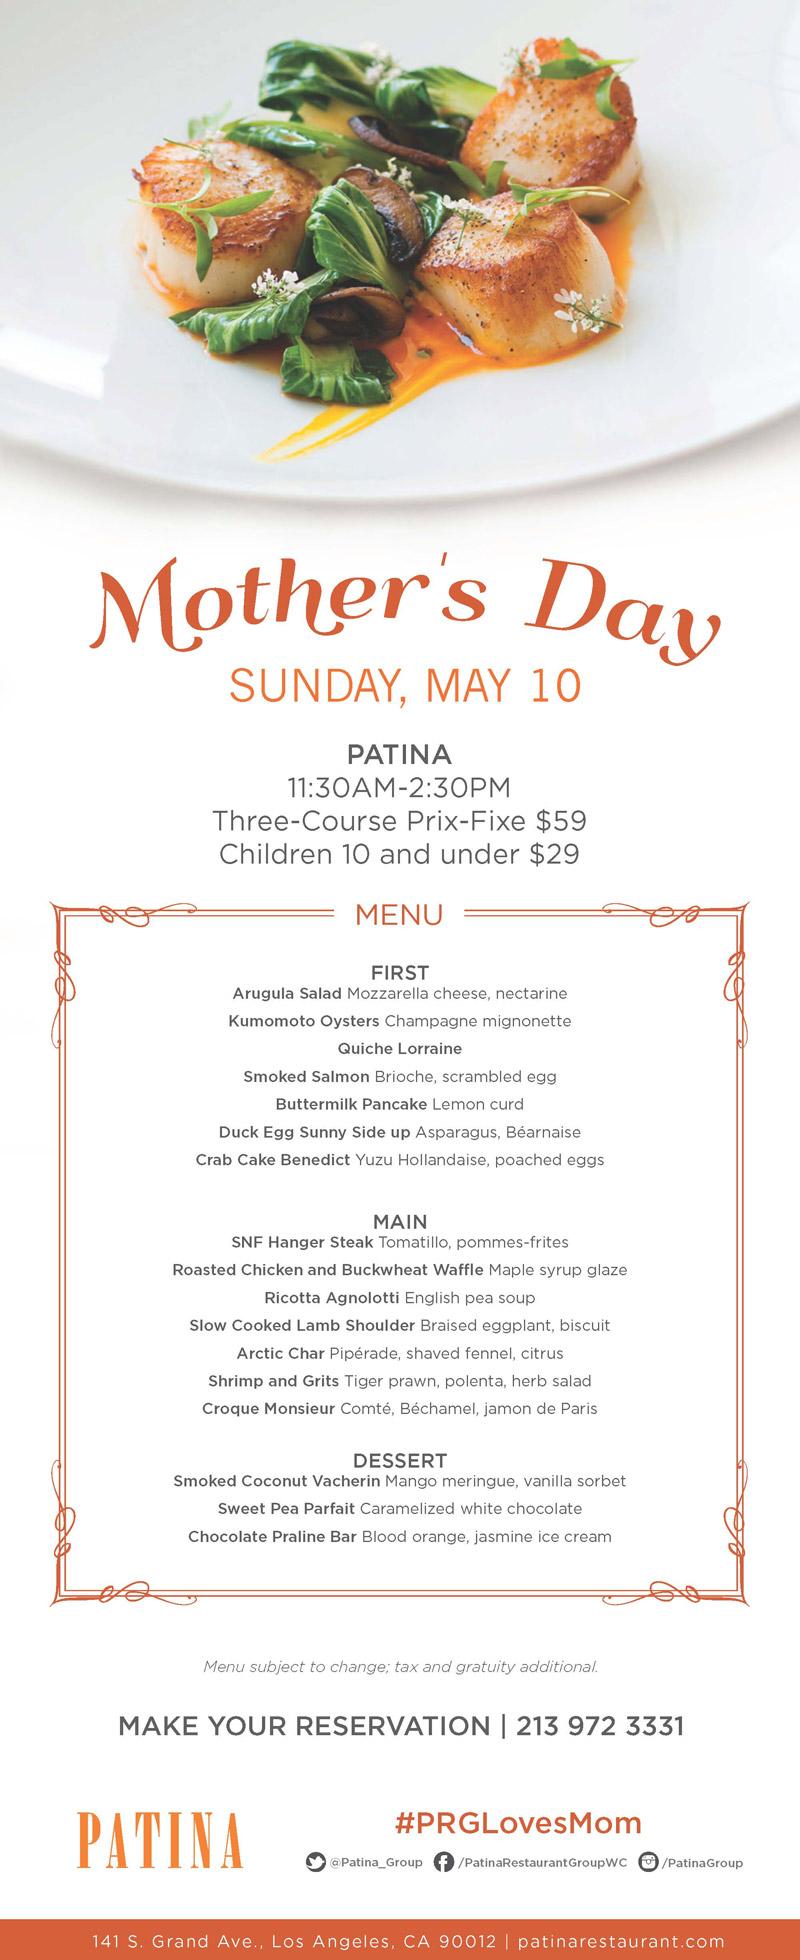 MothersDay-Patina